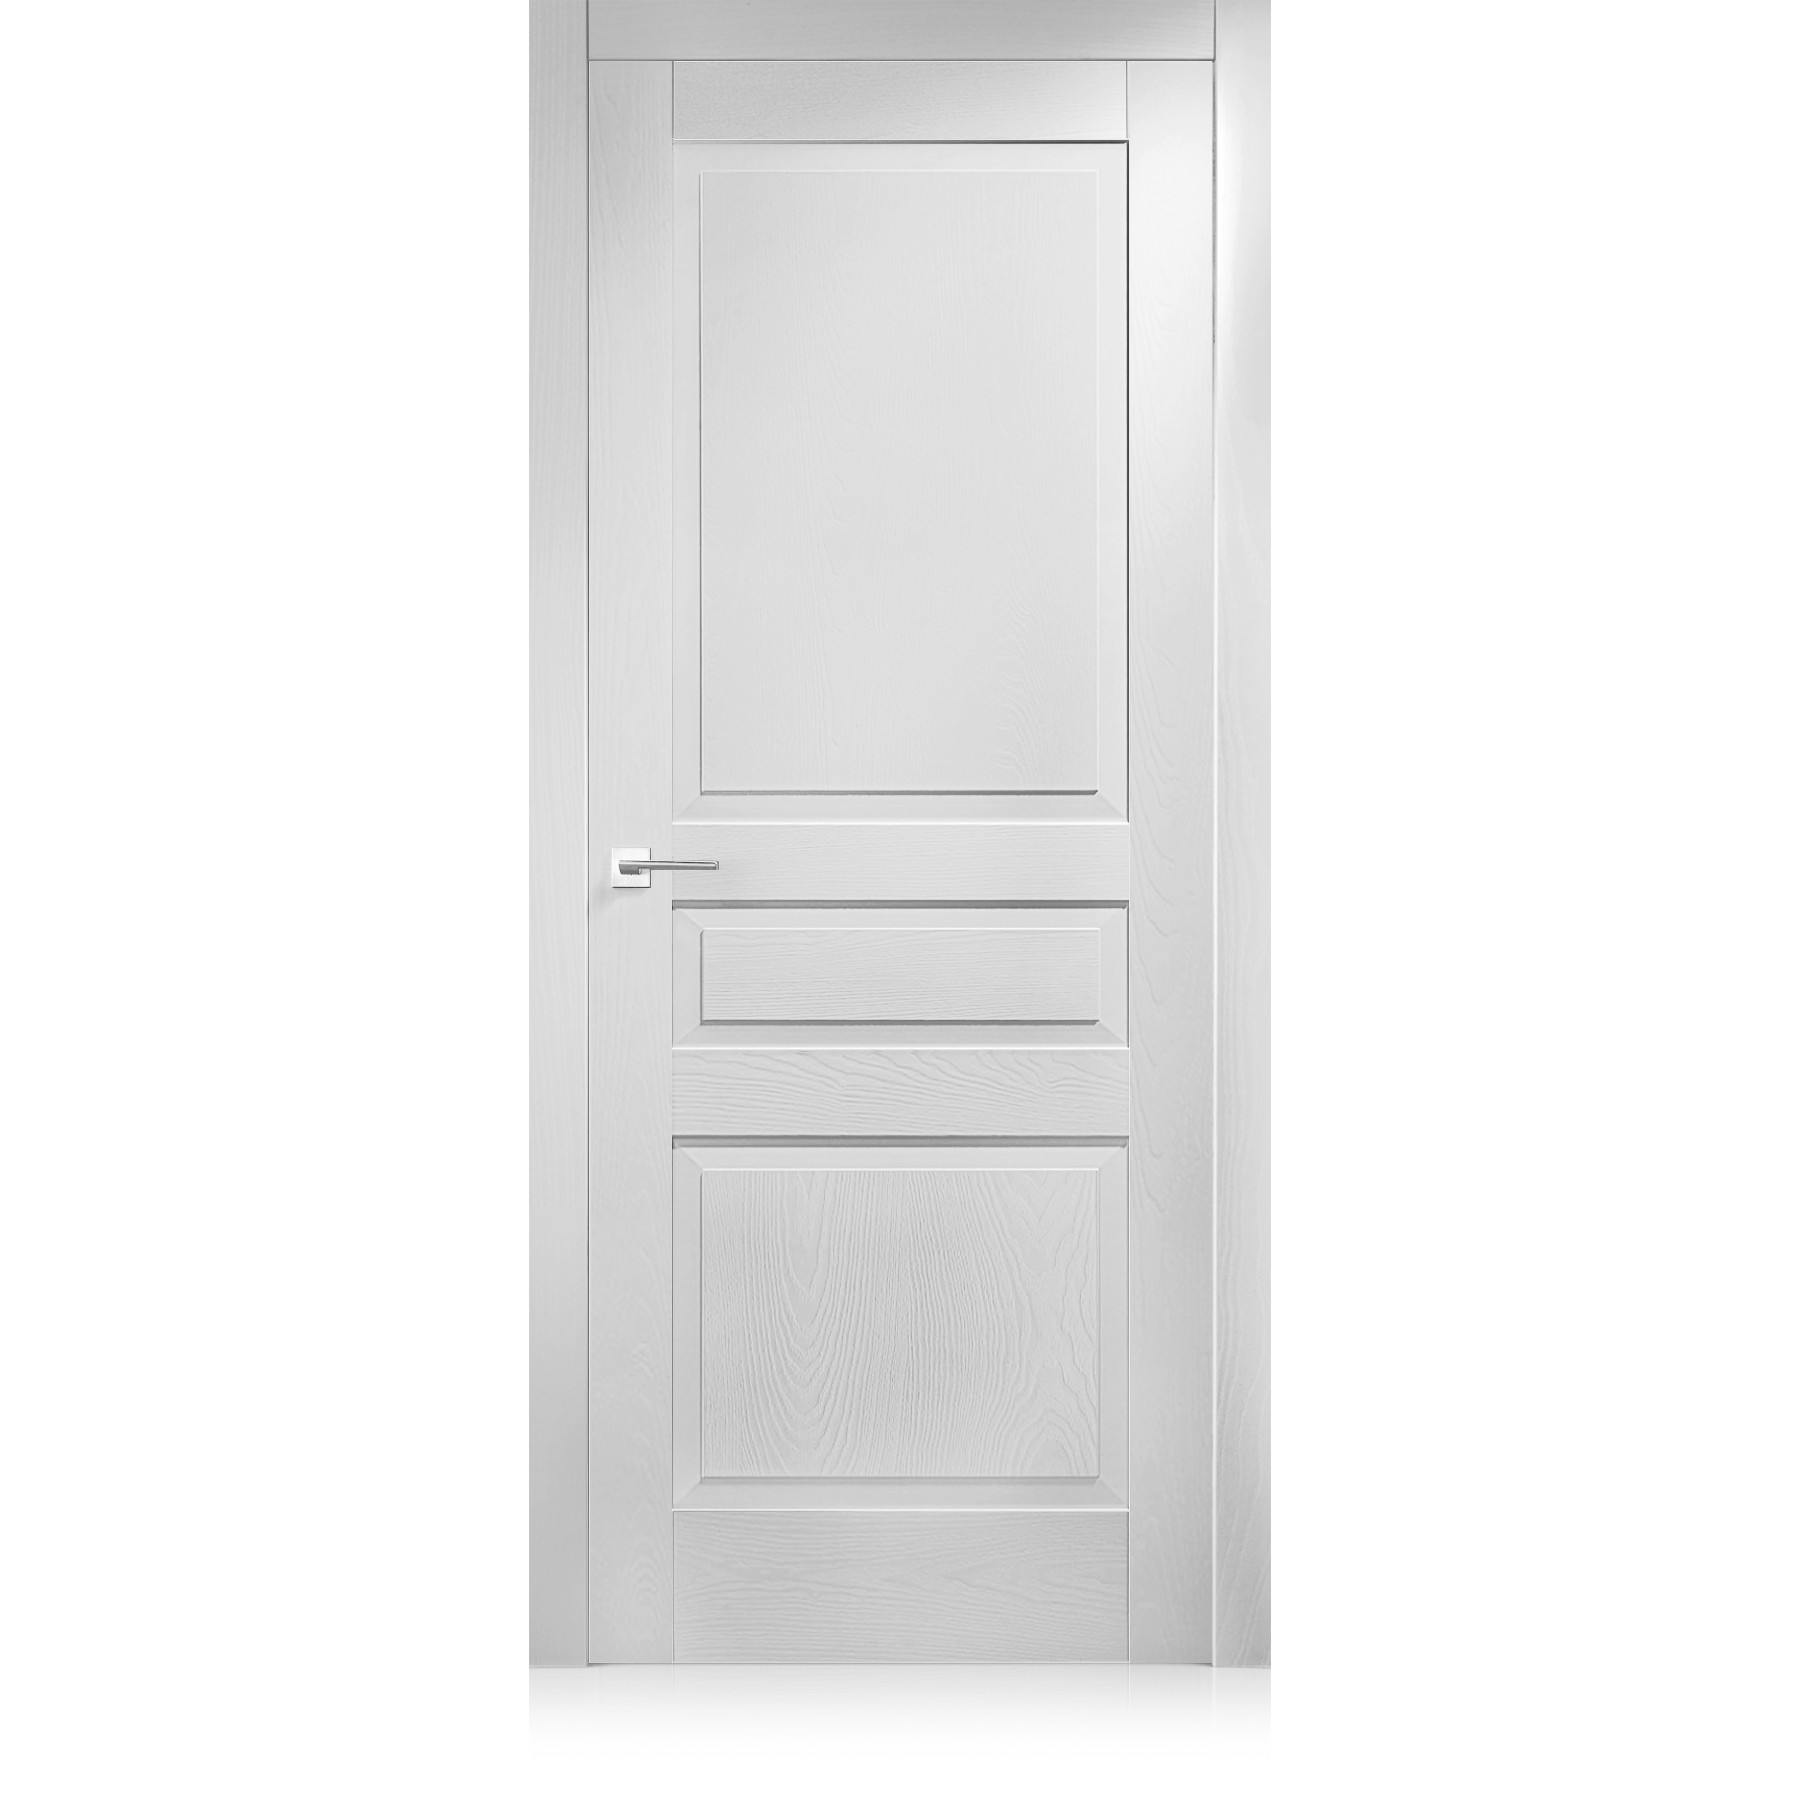 Suite / 27 trame bianco door